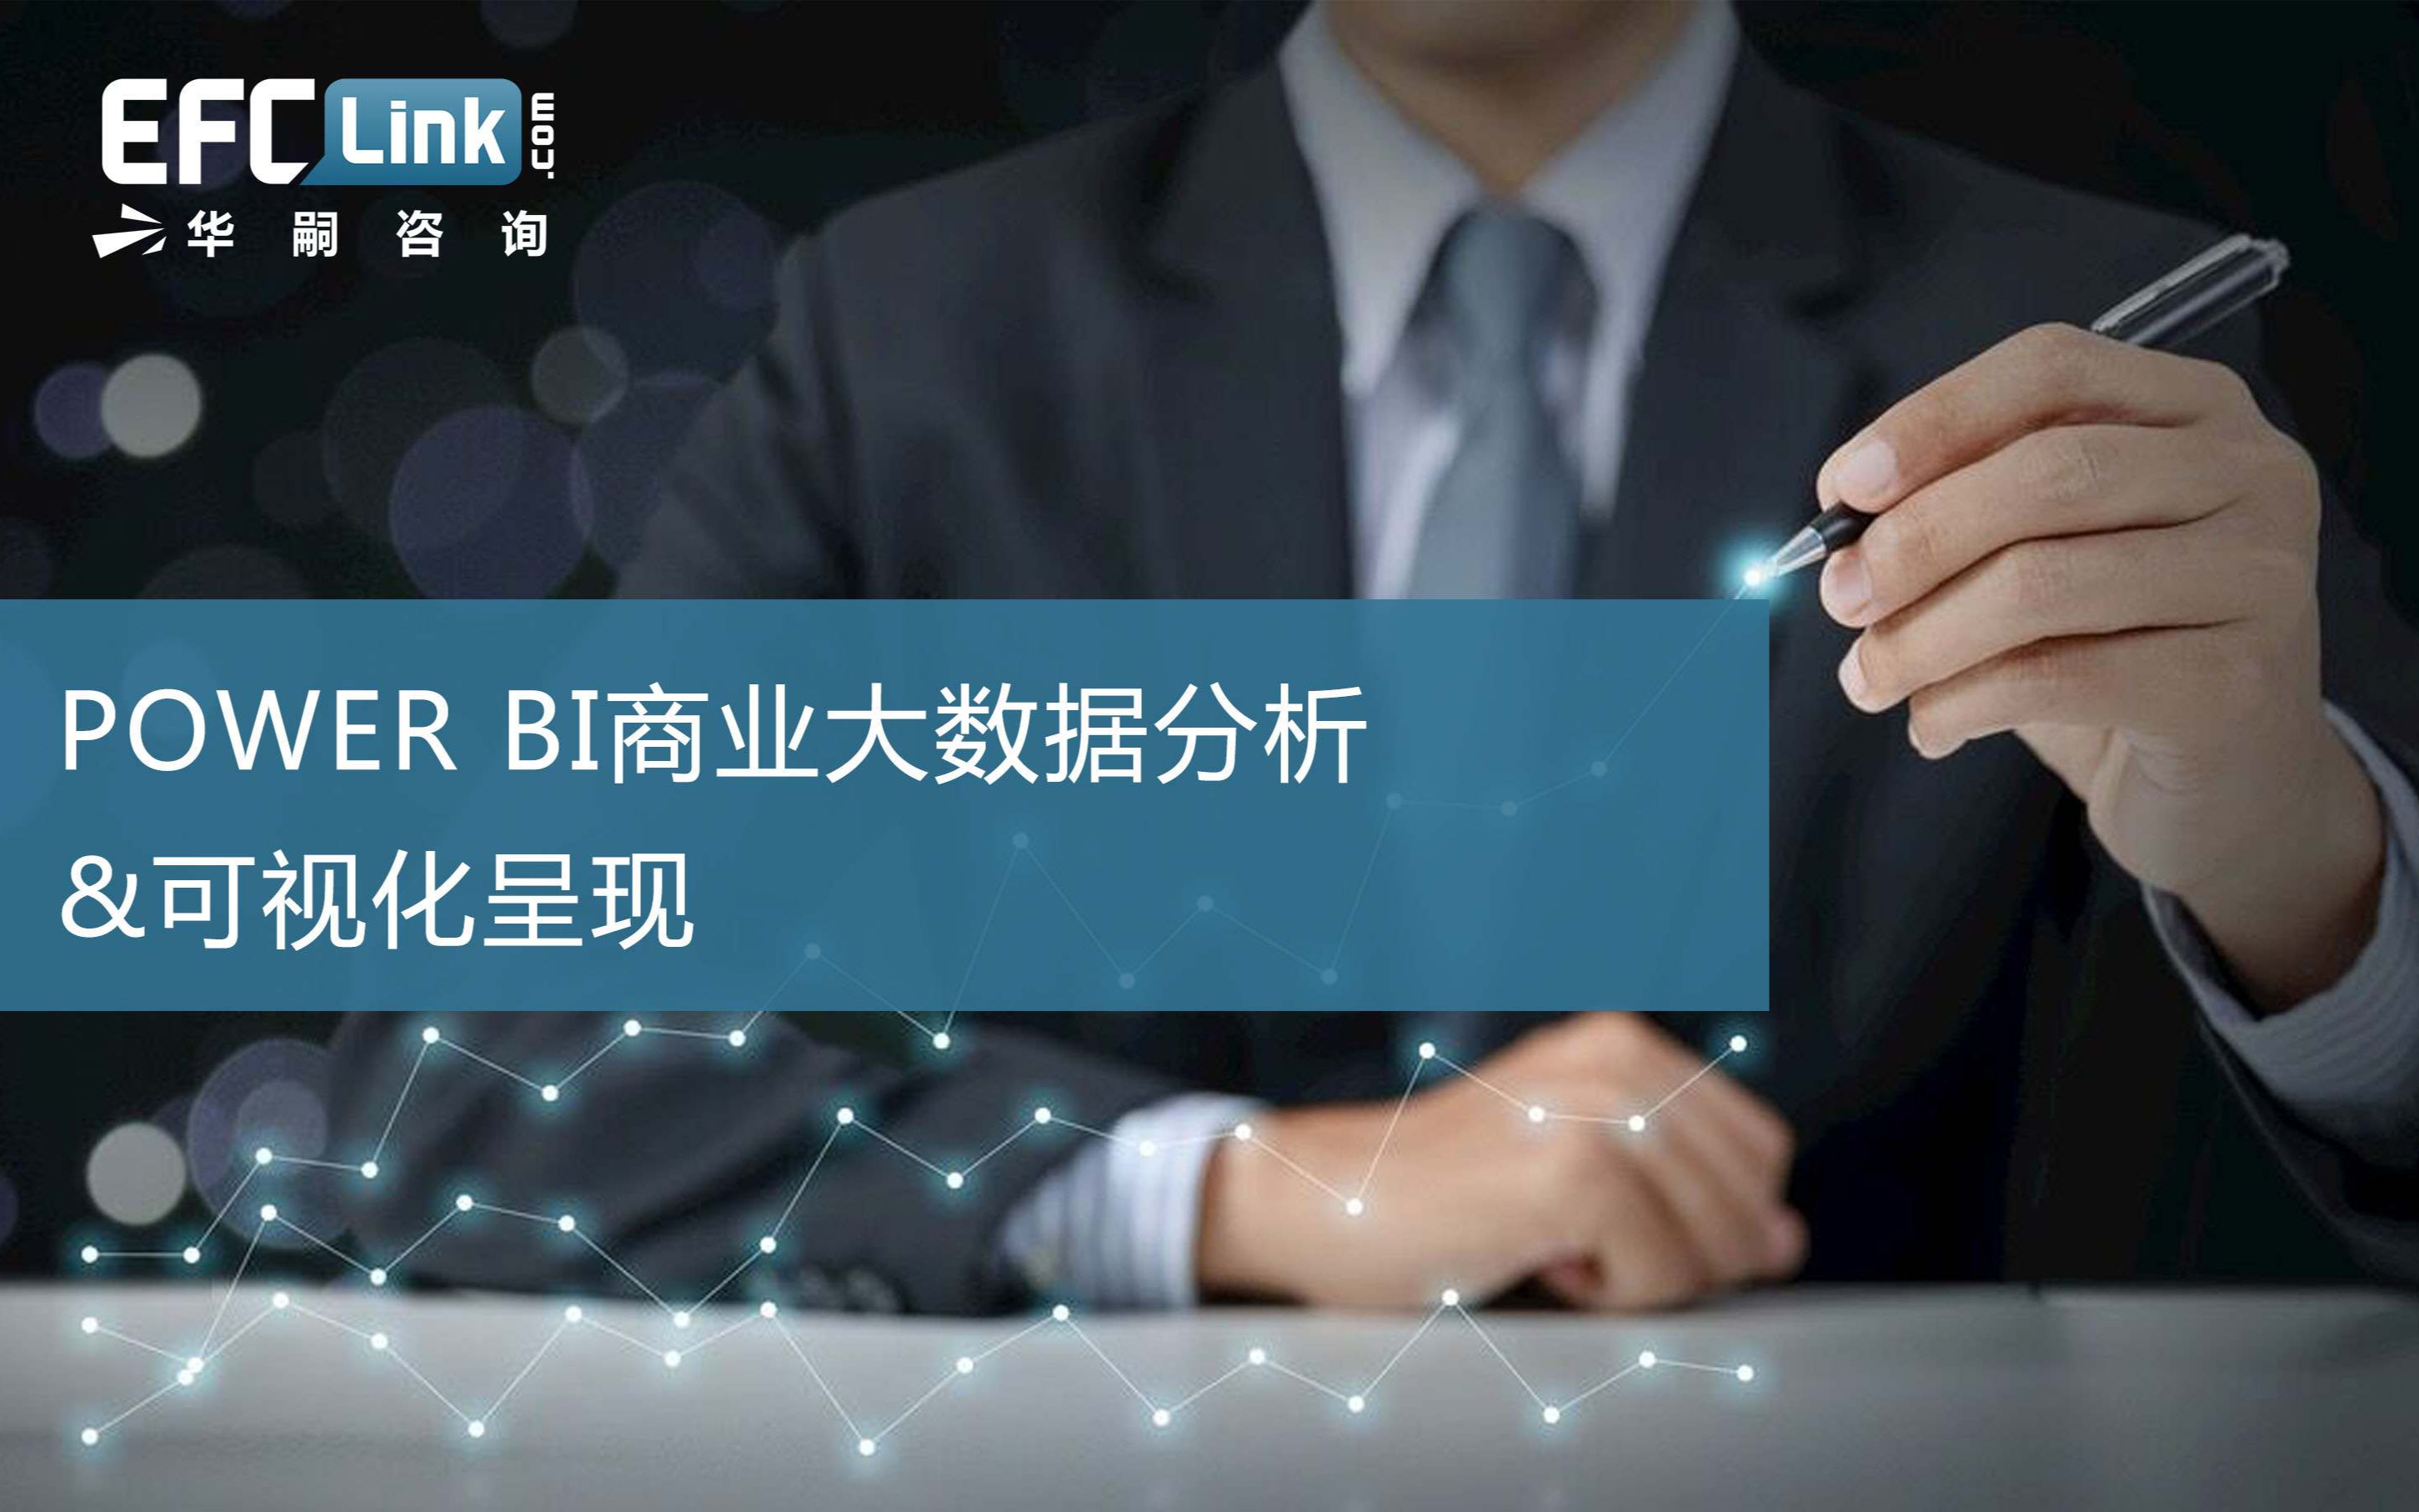 2020POWER BI商业大数据分析&可视化呈现(成都-10月30日)